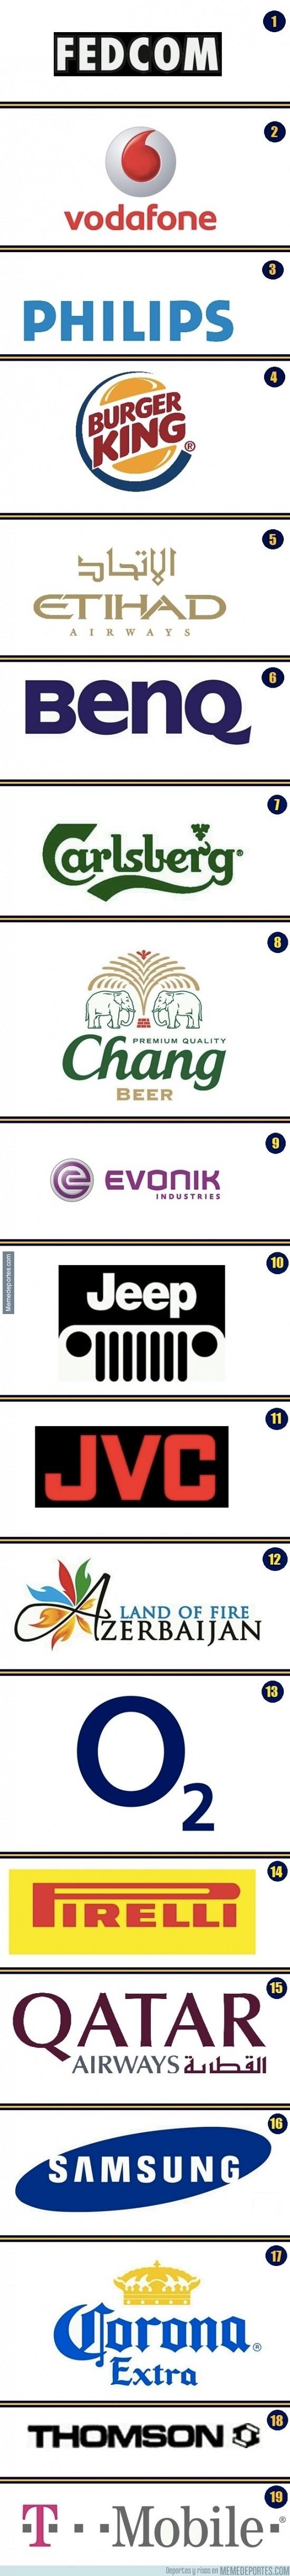 420485 - Logos en el fútbol. ¿Sabrías asignar cada logo a su equipo más emblemático?